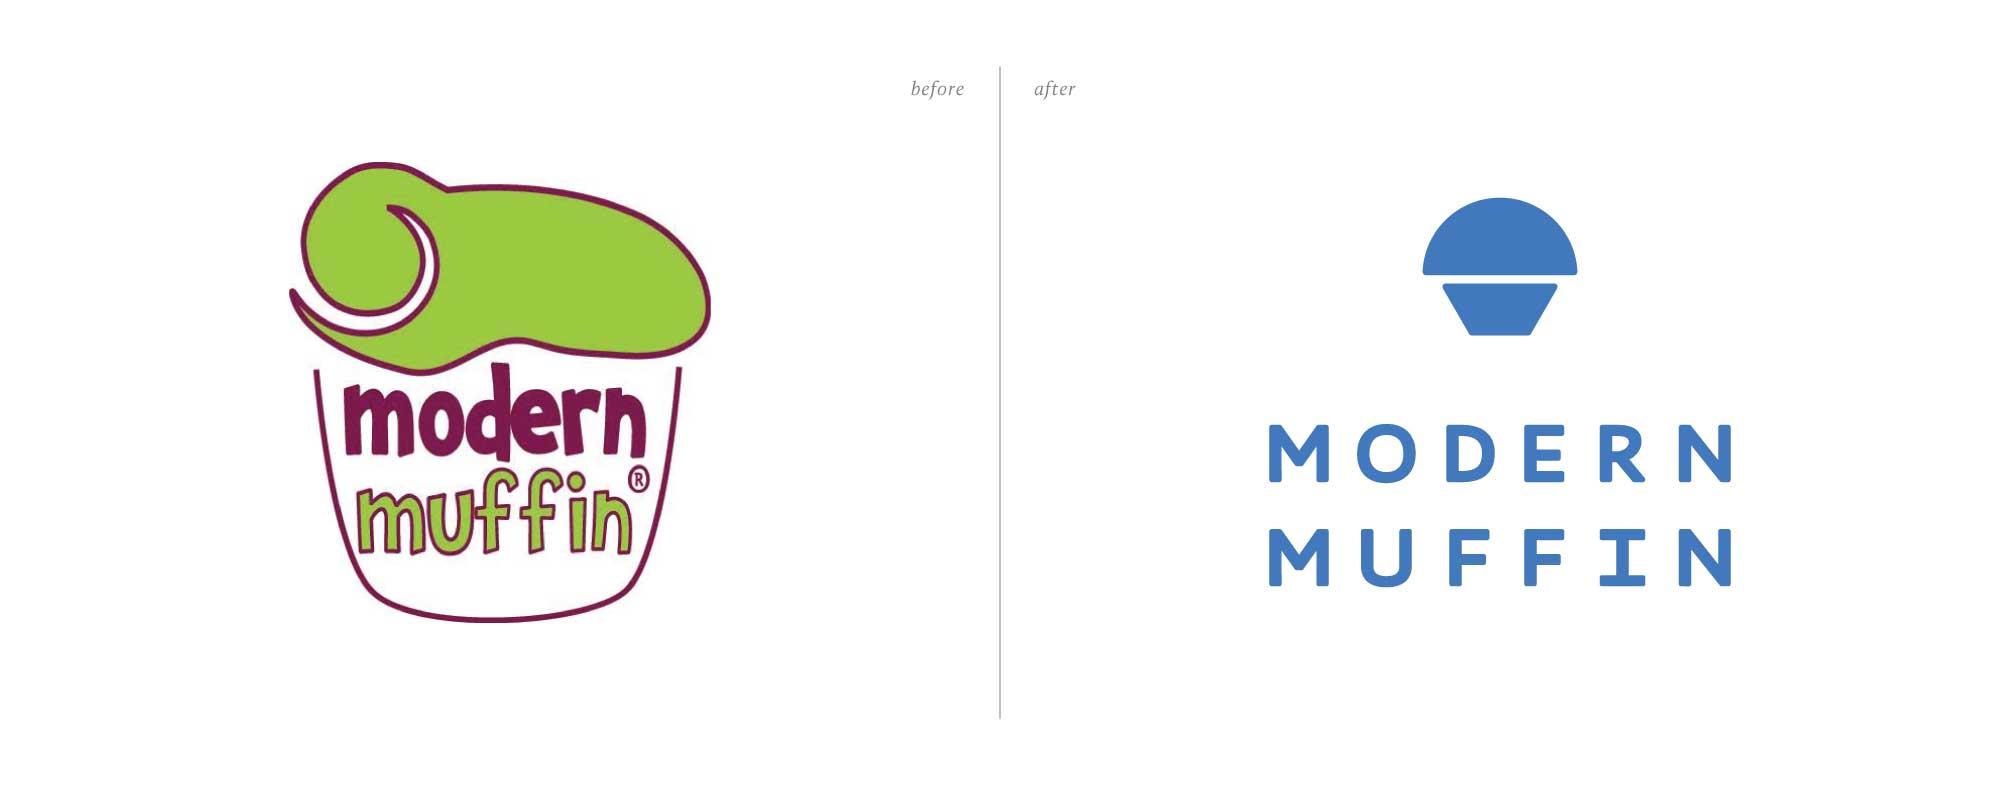 modern-muffin-before-after.jpg